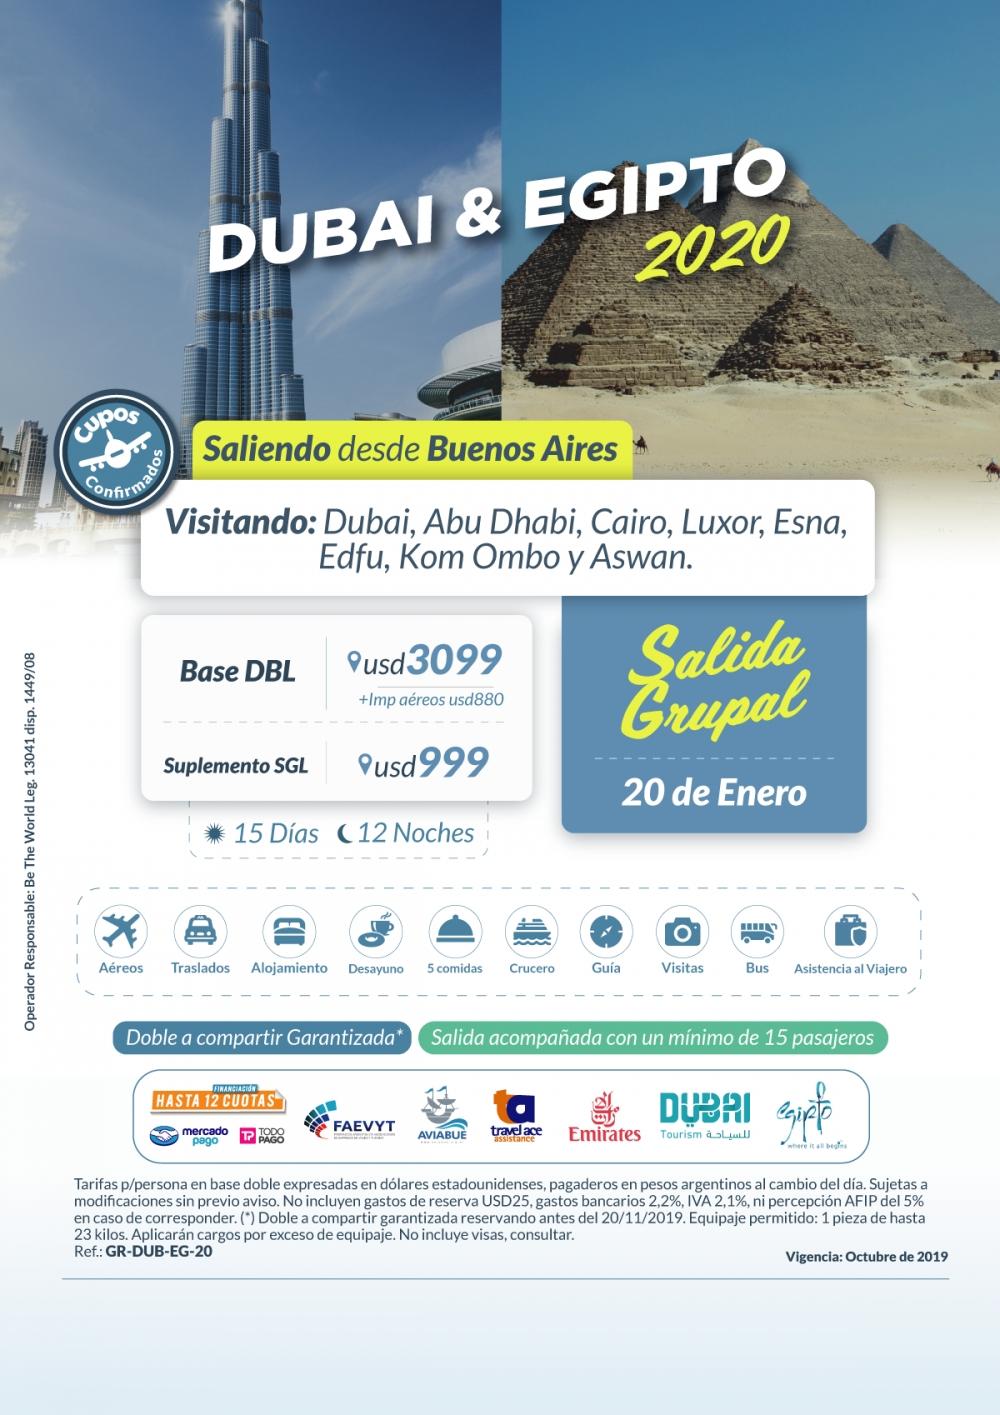 DUBAI Y EGIPTO - Salida Grupal - 20 de Enero del 2020